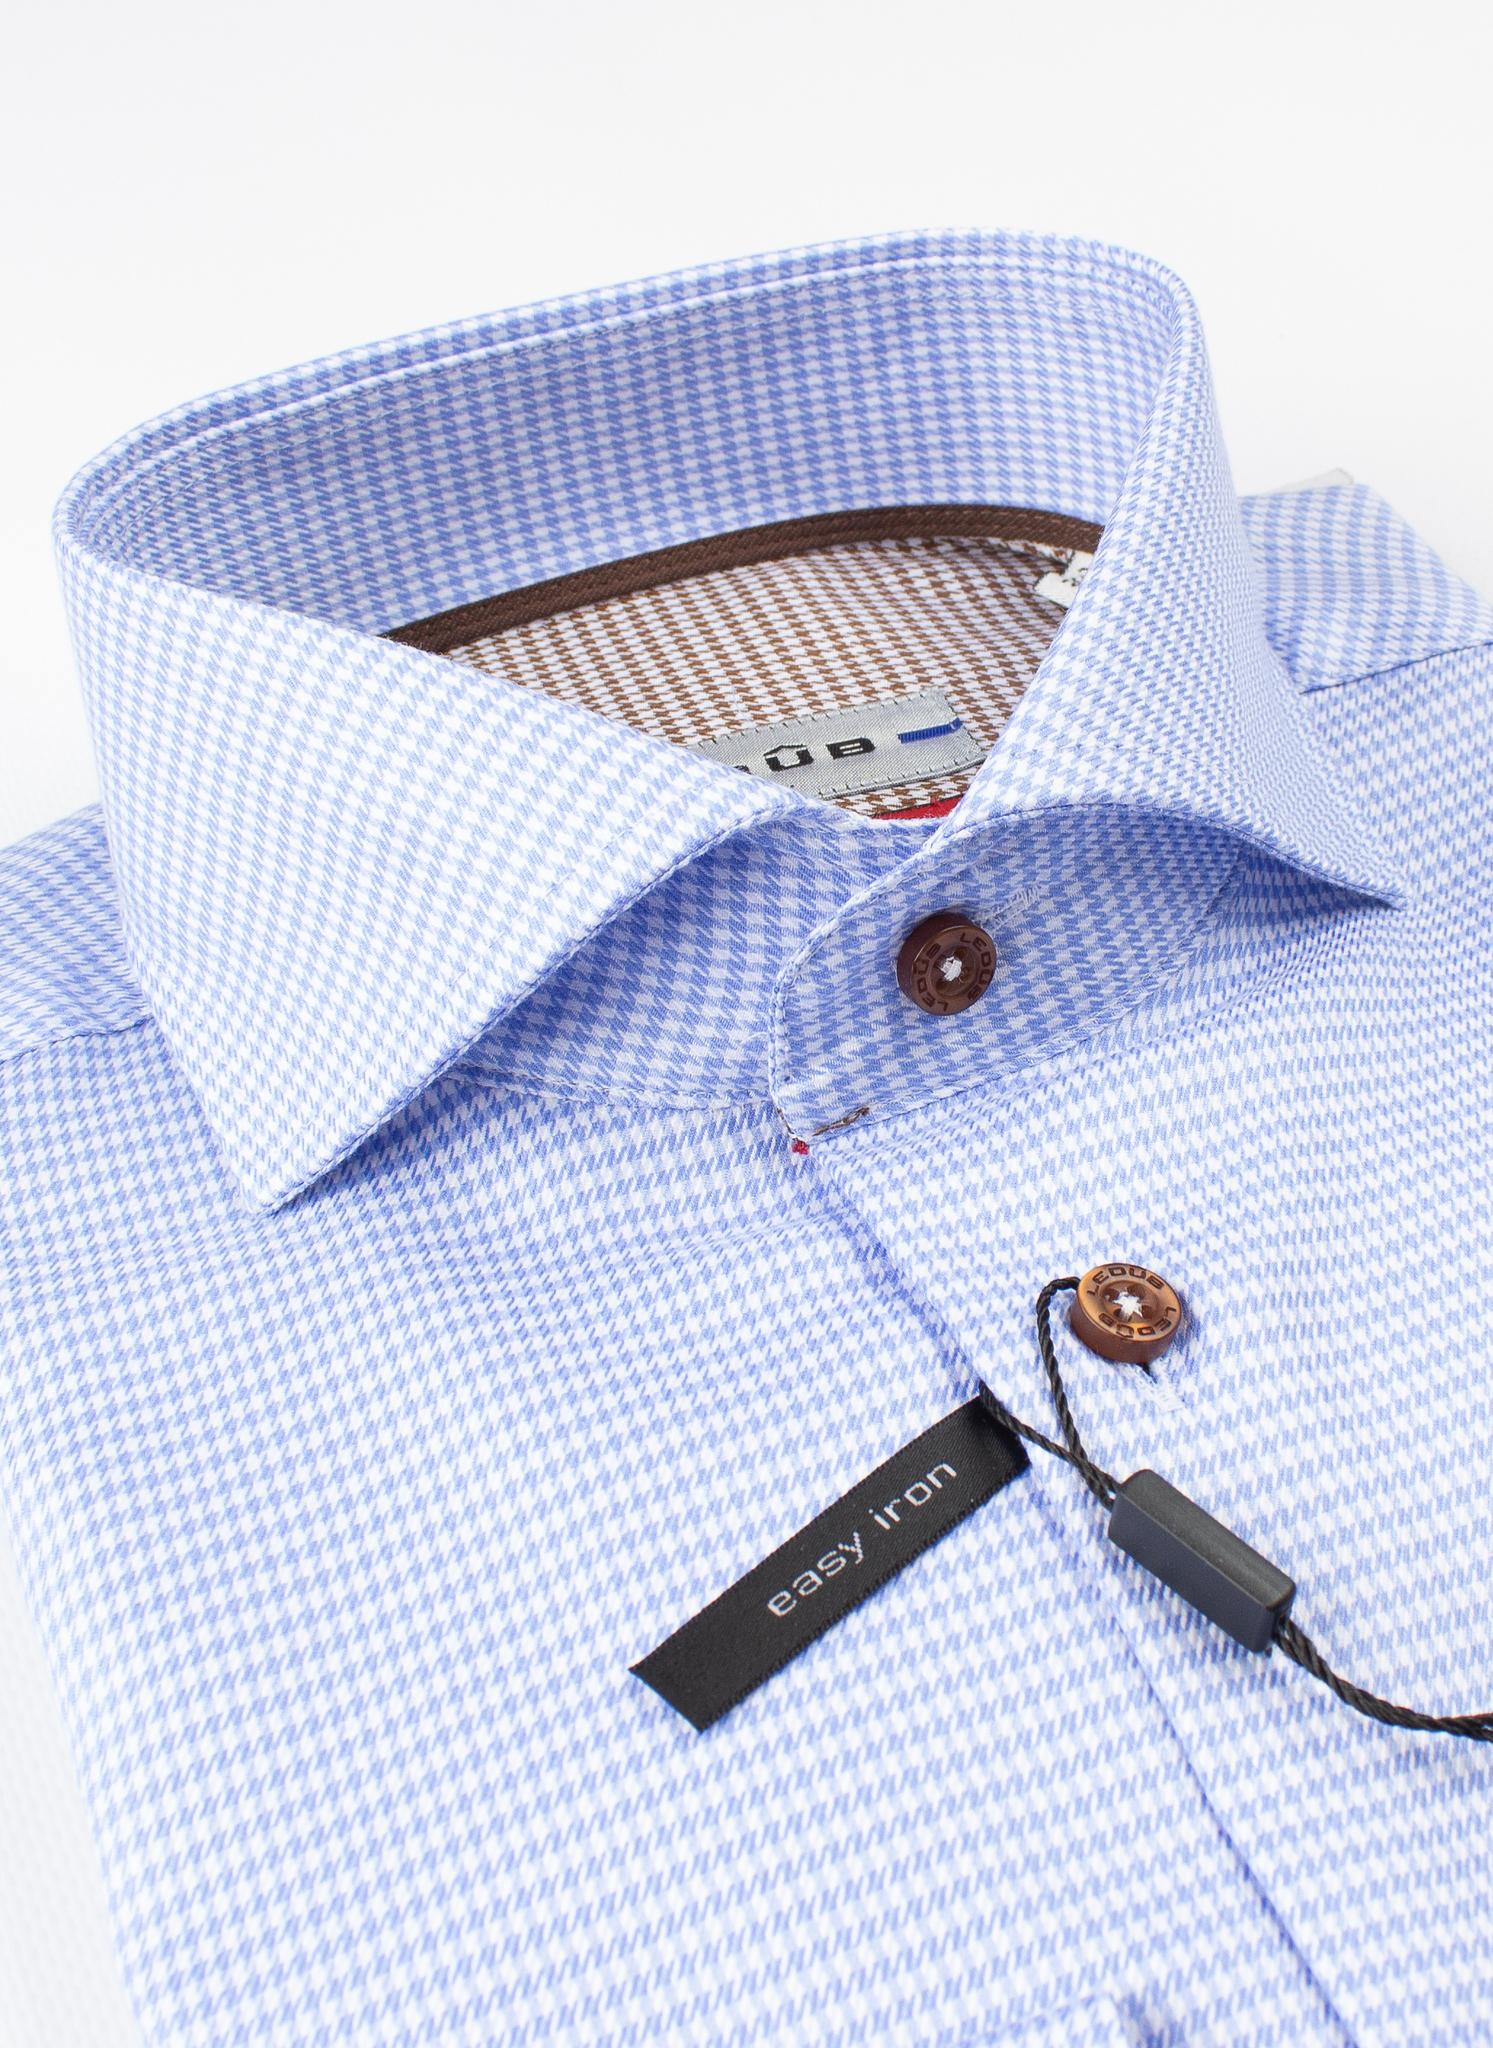 Рубашка Ledub slim fit 0137226-130-640-650